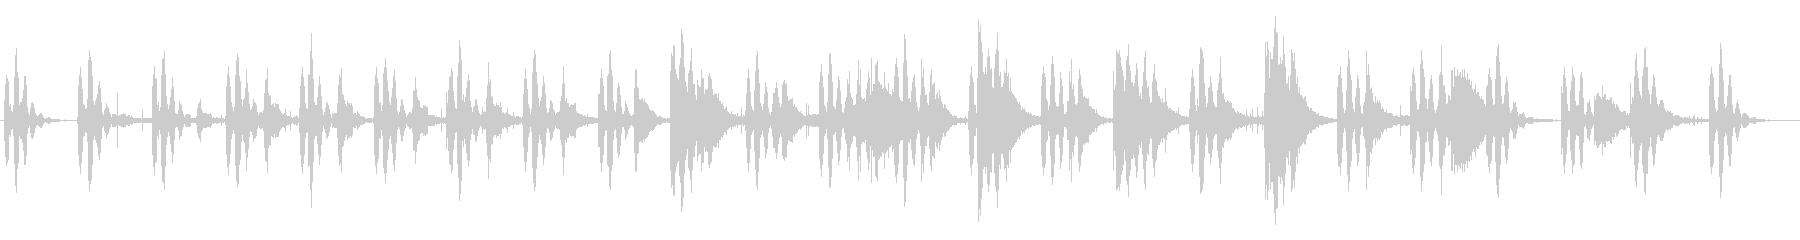 王道の太鼓サスペンス曲の未再生の波形